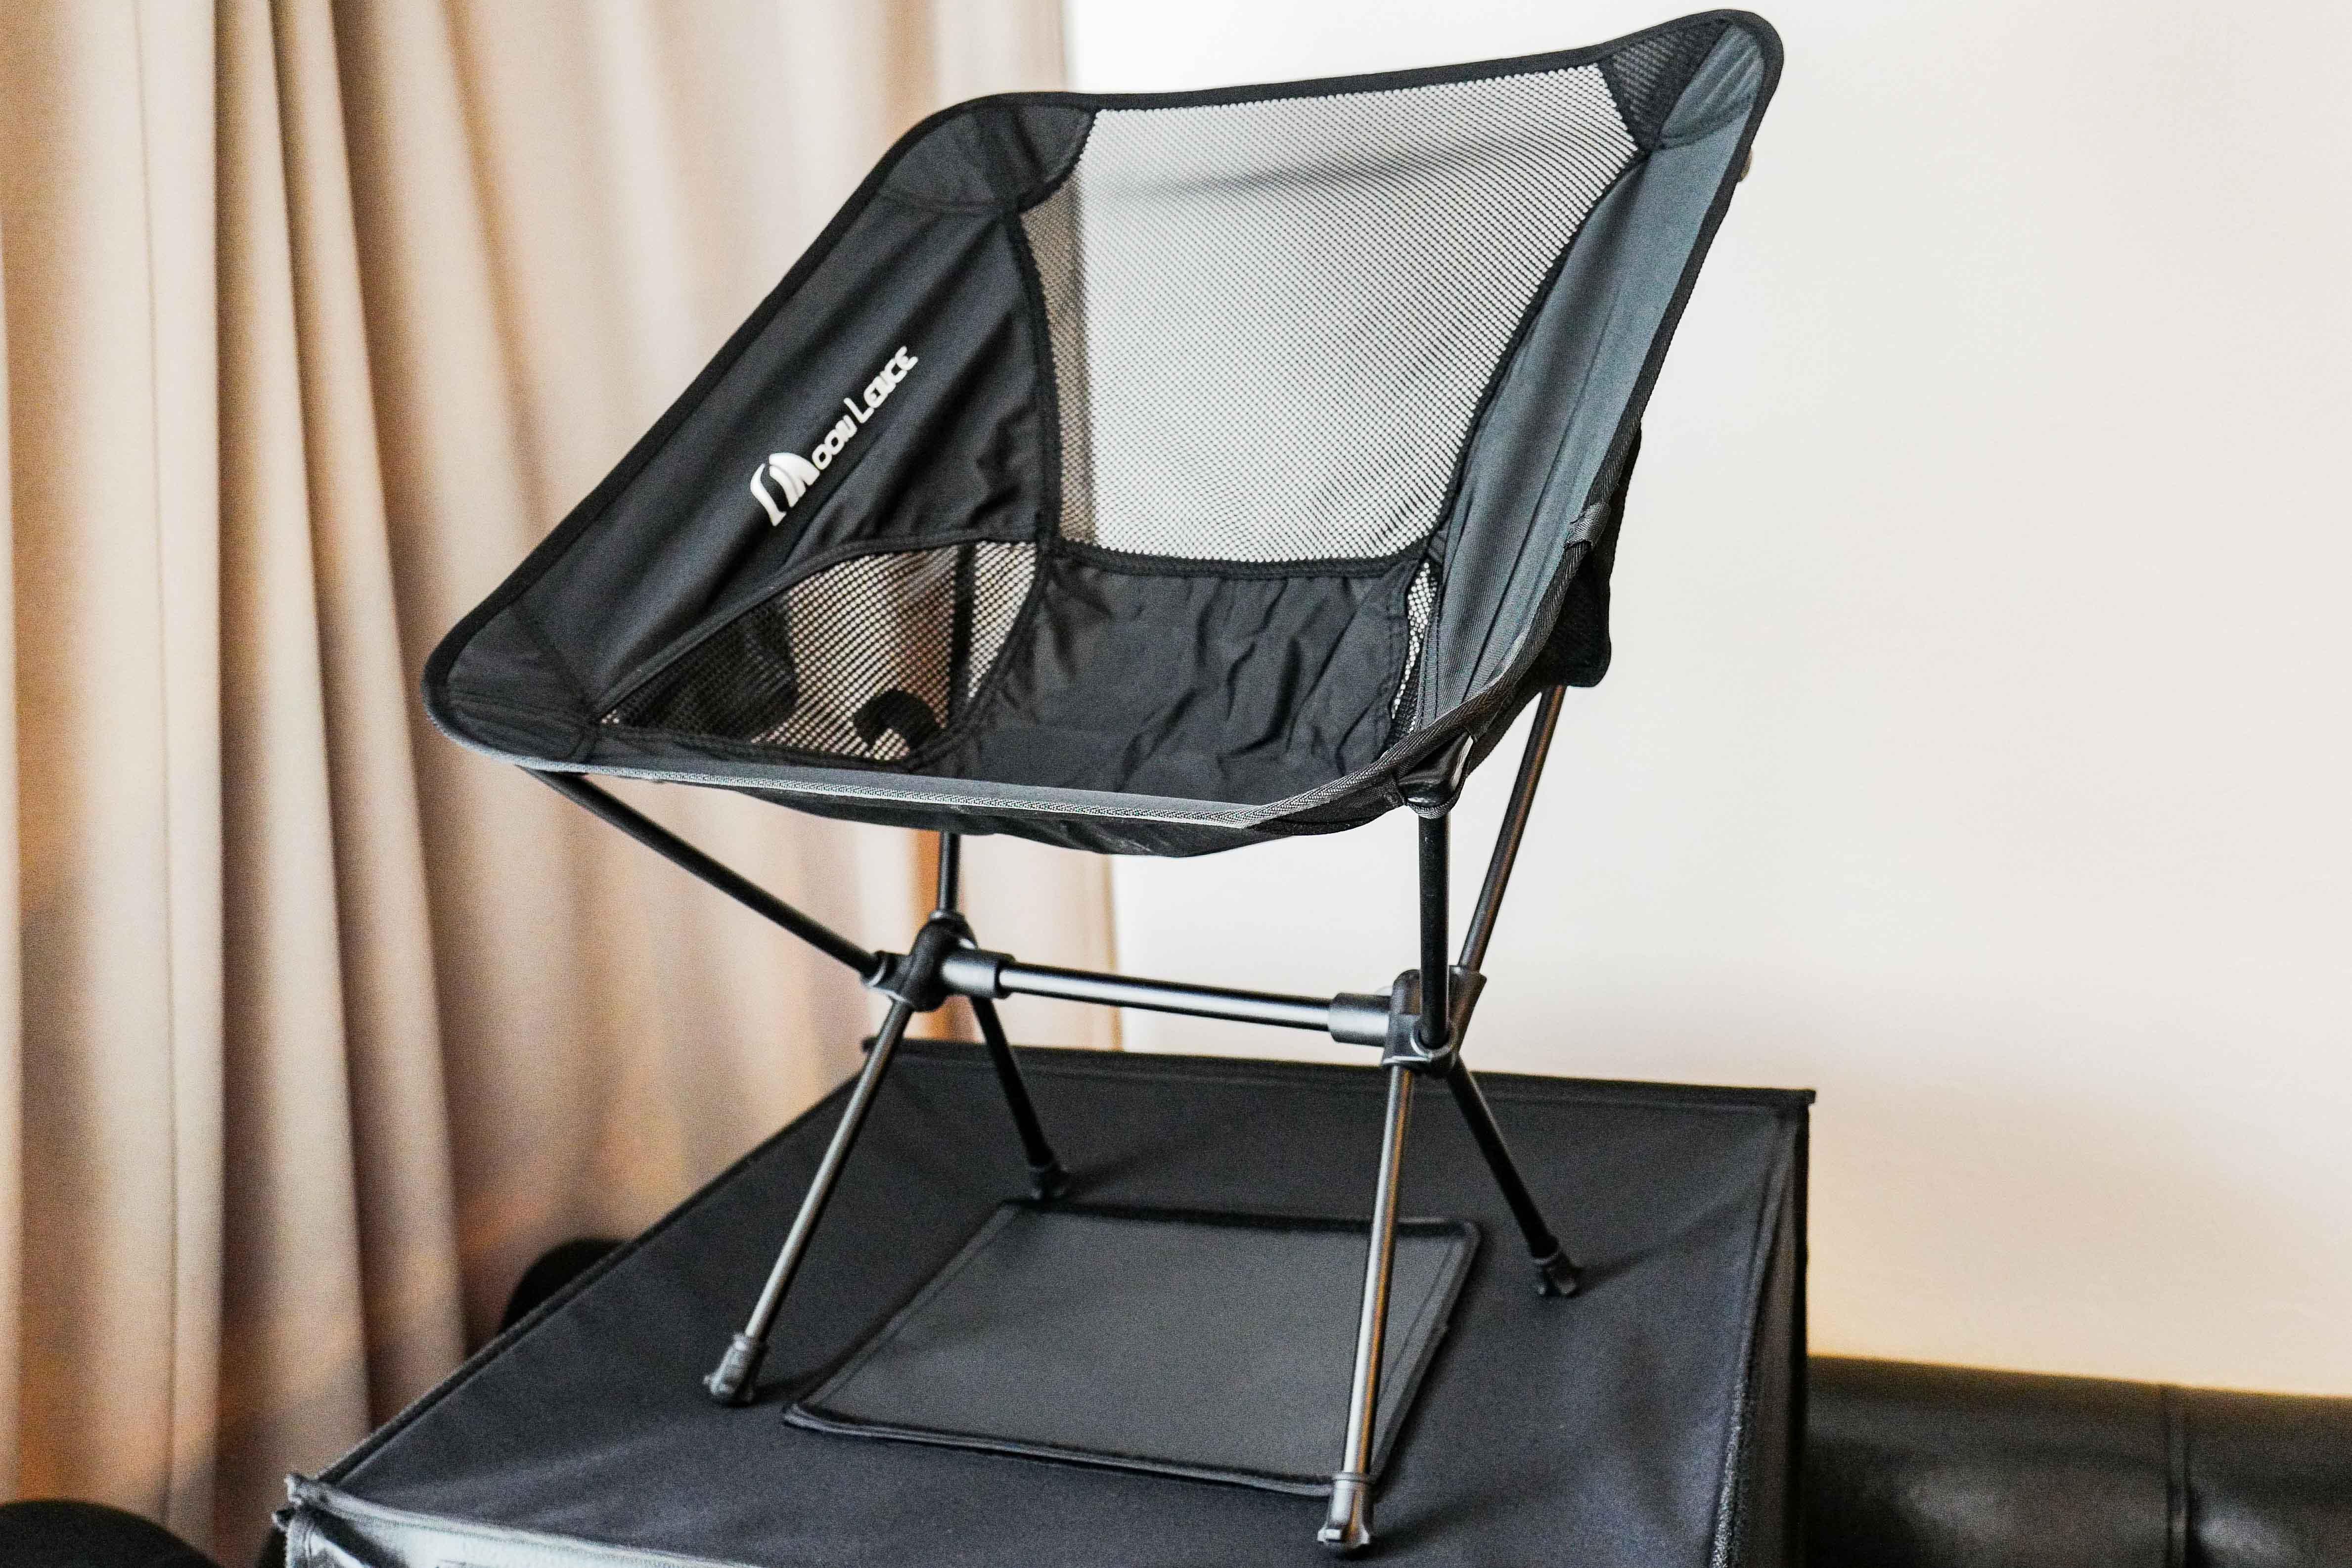 【約900gで軽い!】Moon Lence折りたたみアウトドアチェア【バイクのサドルバックに積めるほど超軽量コンパクト!! でツーリング休憩しよう!背もたれありキャンプ椅子!詳細写真で組み立てのコツも!】